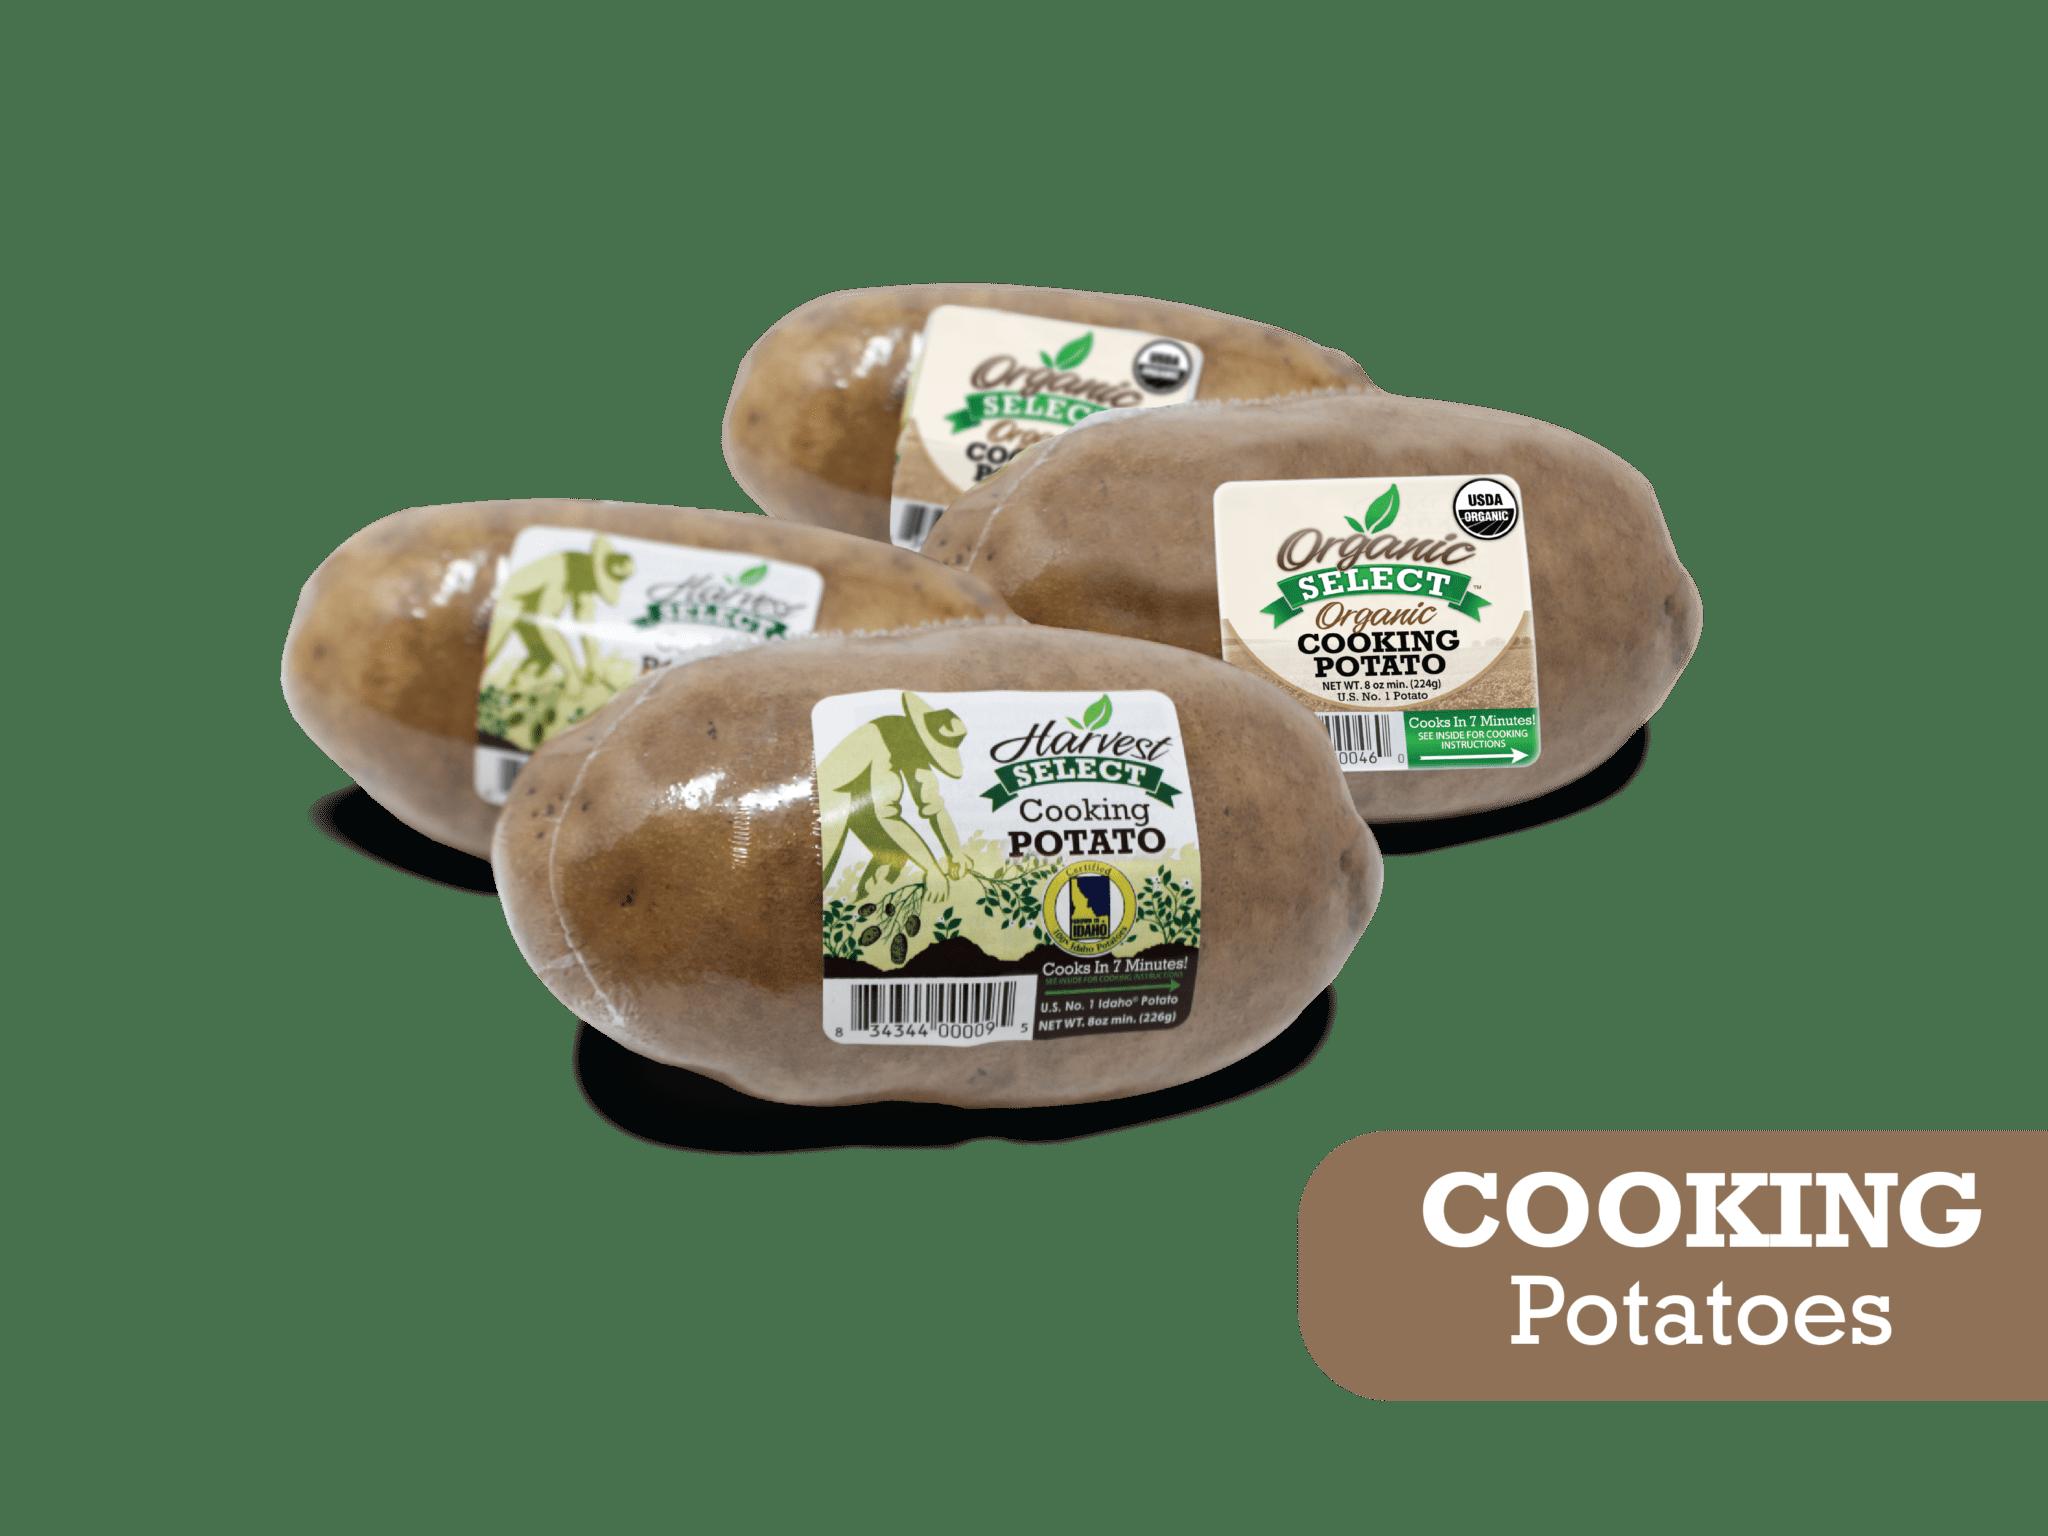 Eagle Eye Produce Organic Select Cooking Potatoes